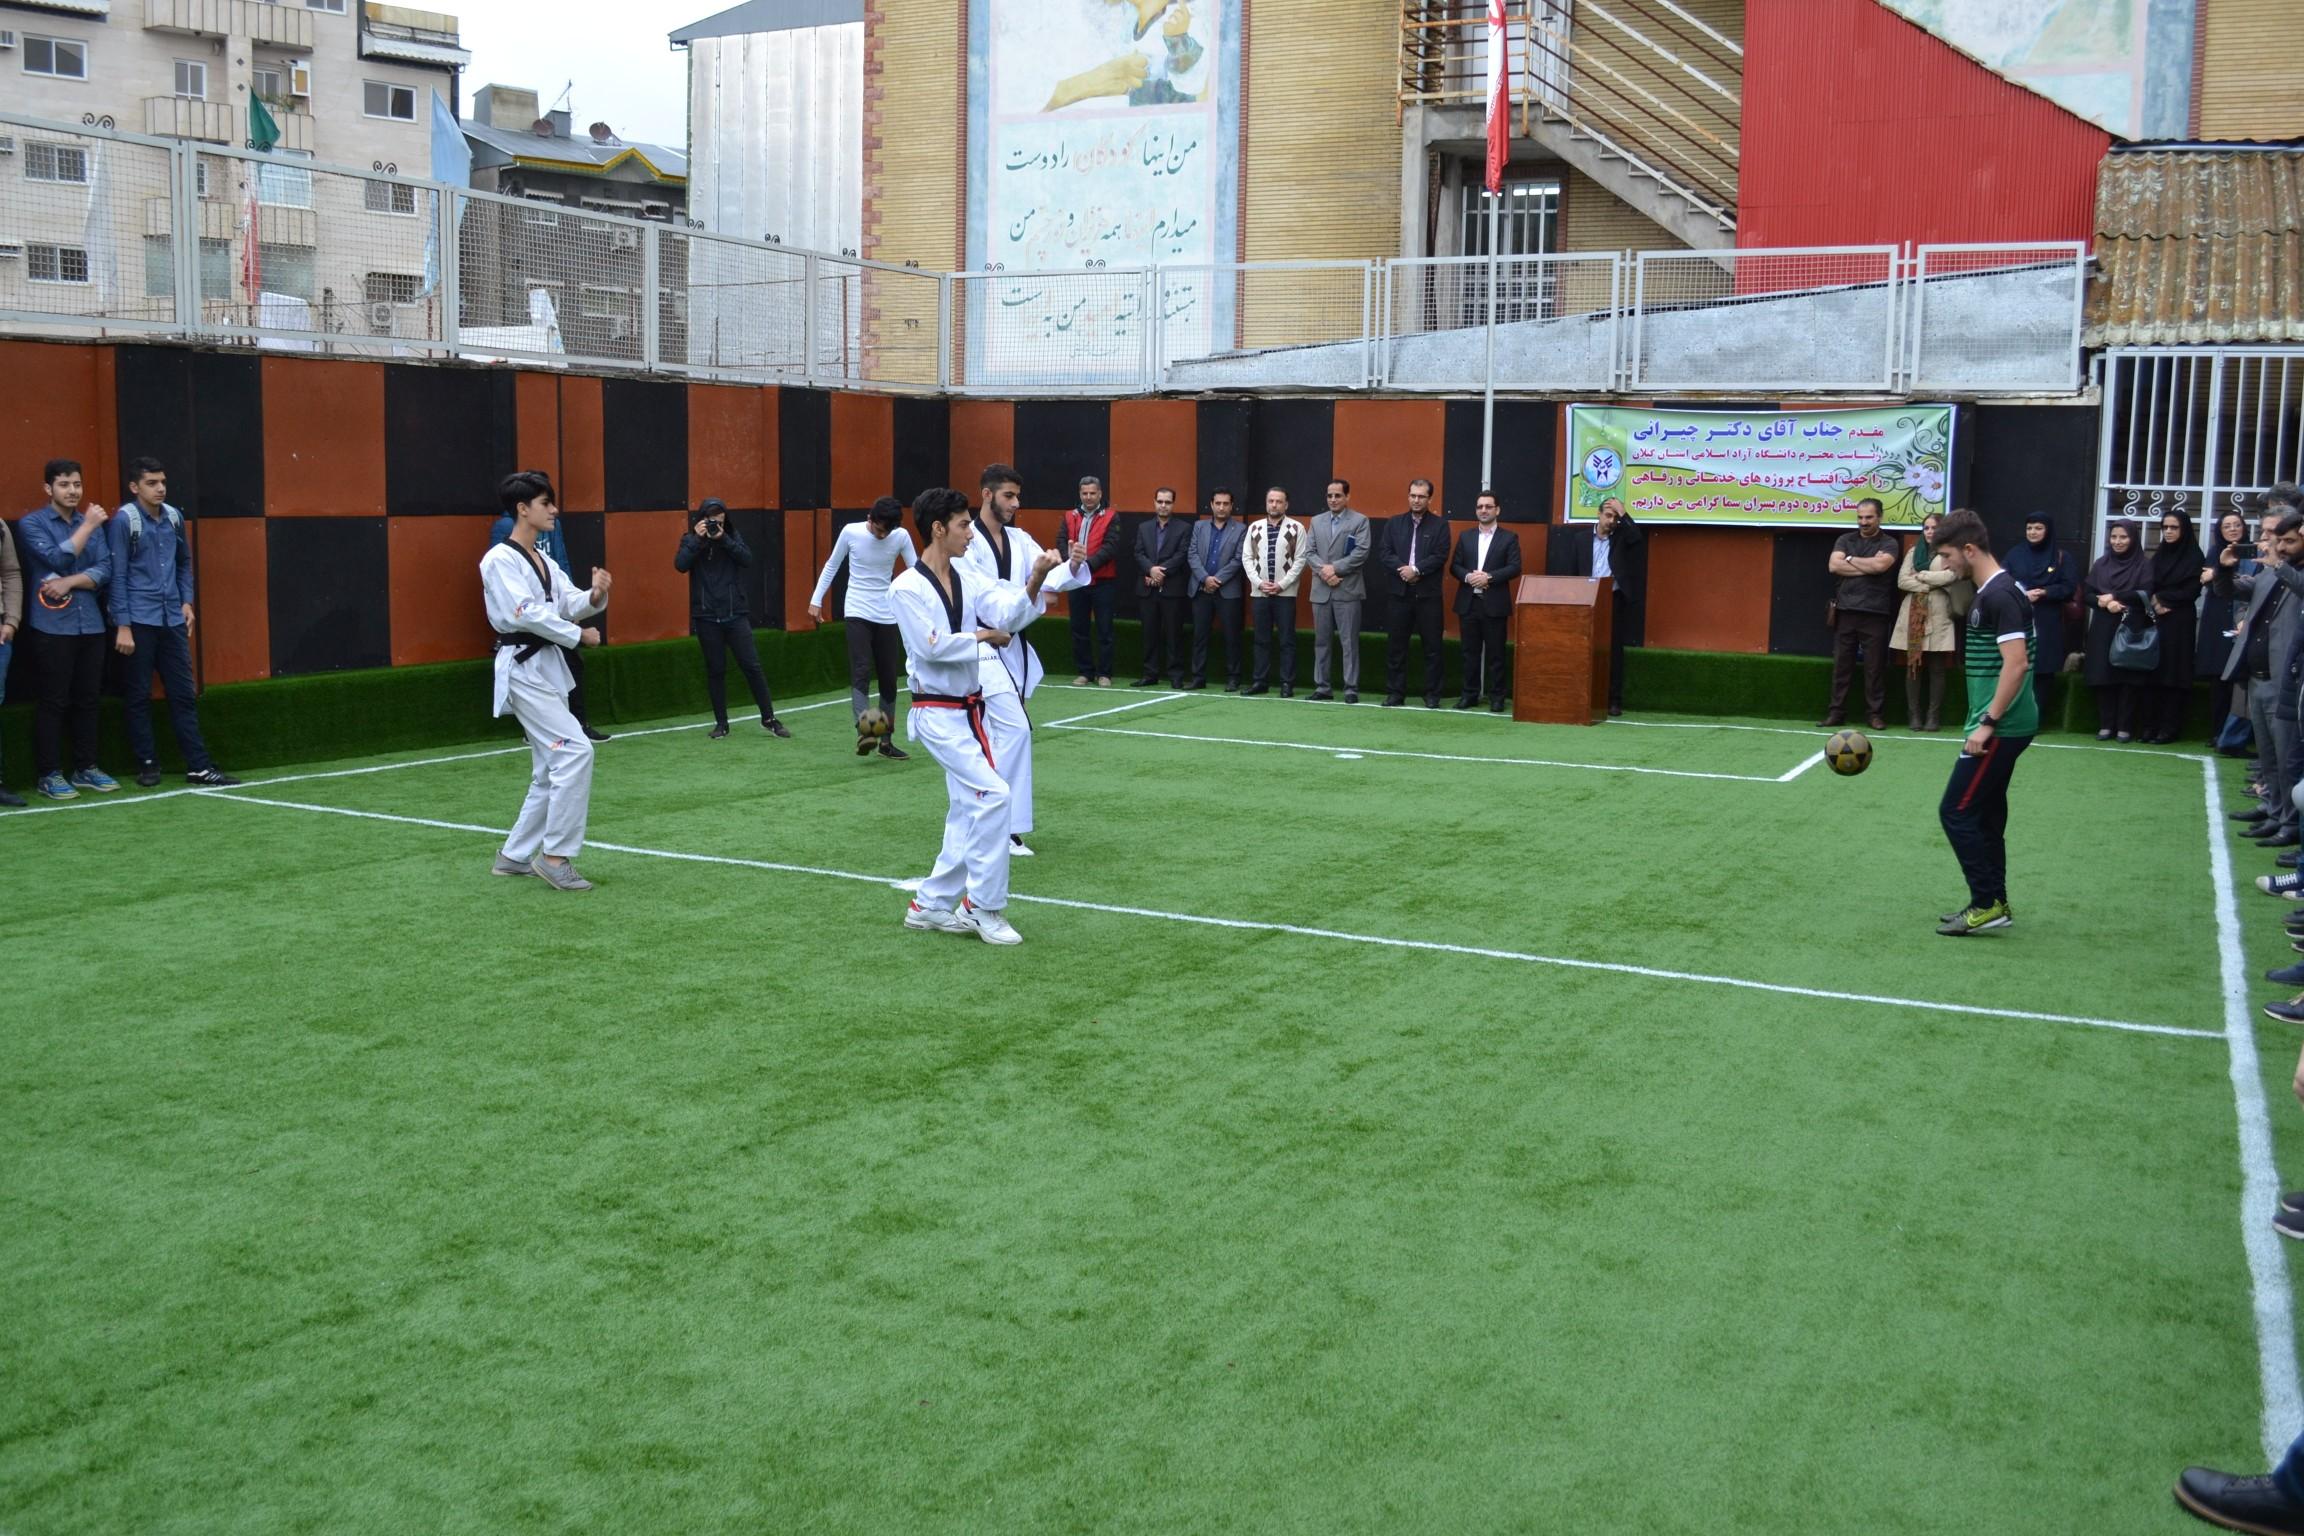 افتتاح پروژه های عمرانی دبیرستان دوره دوم پسران سما واحد رشت